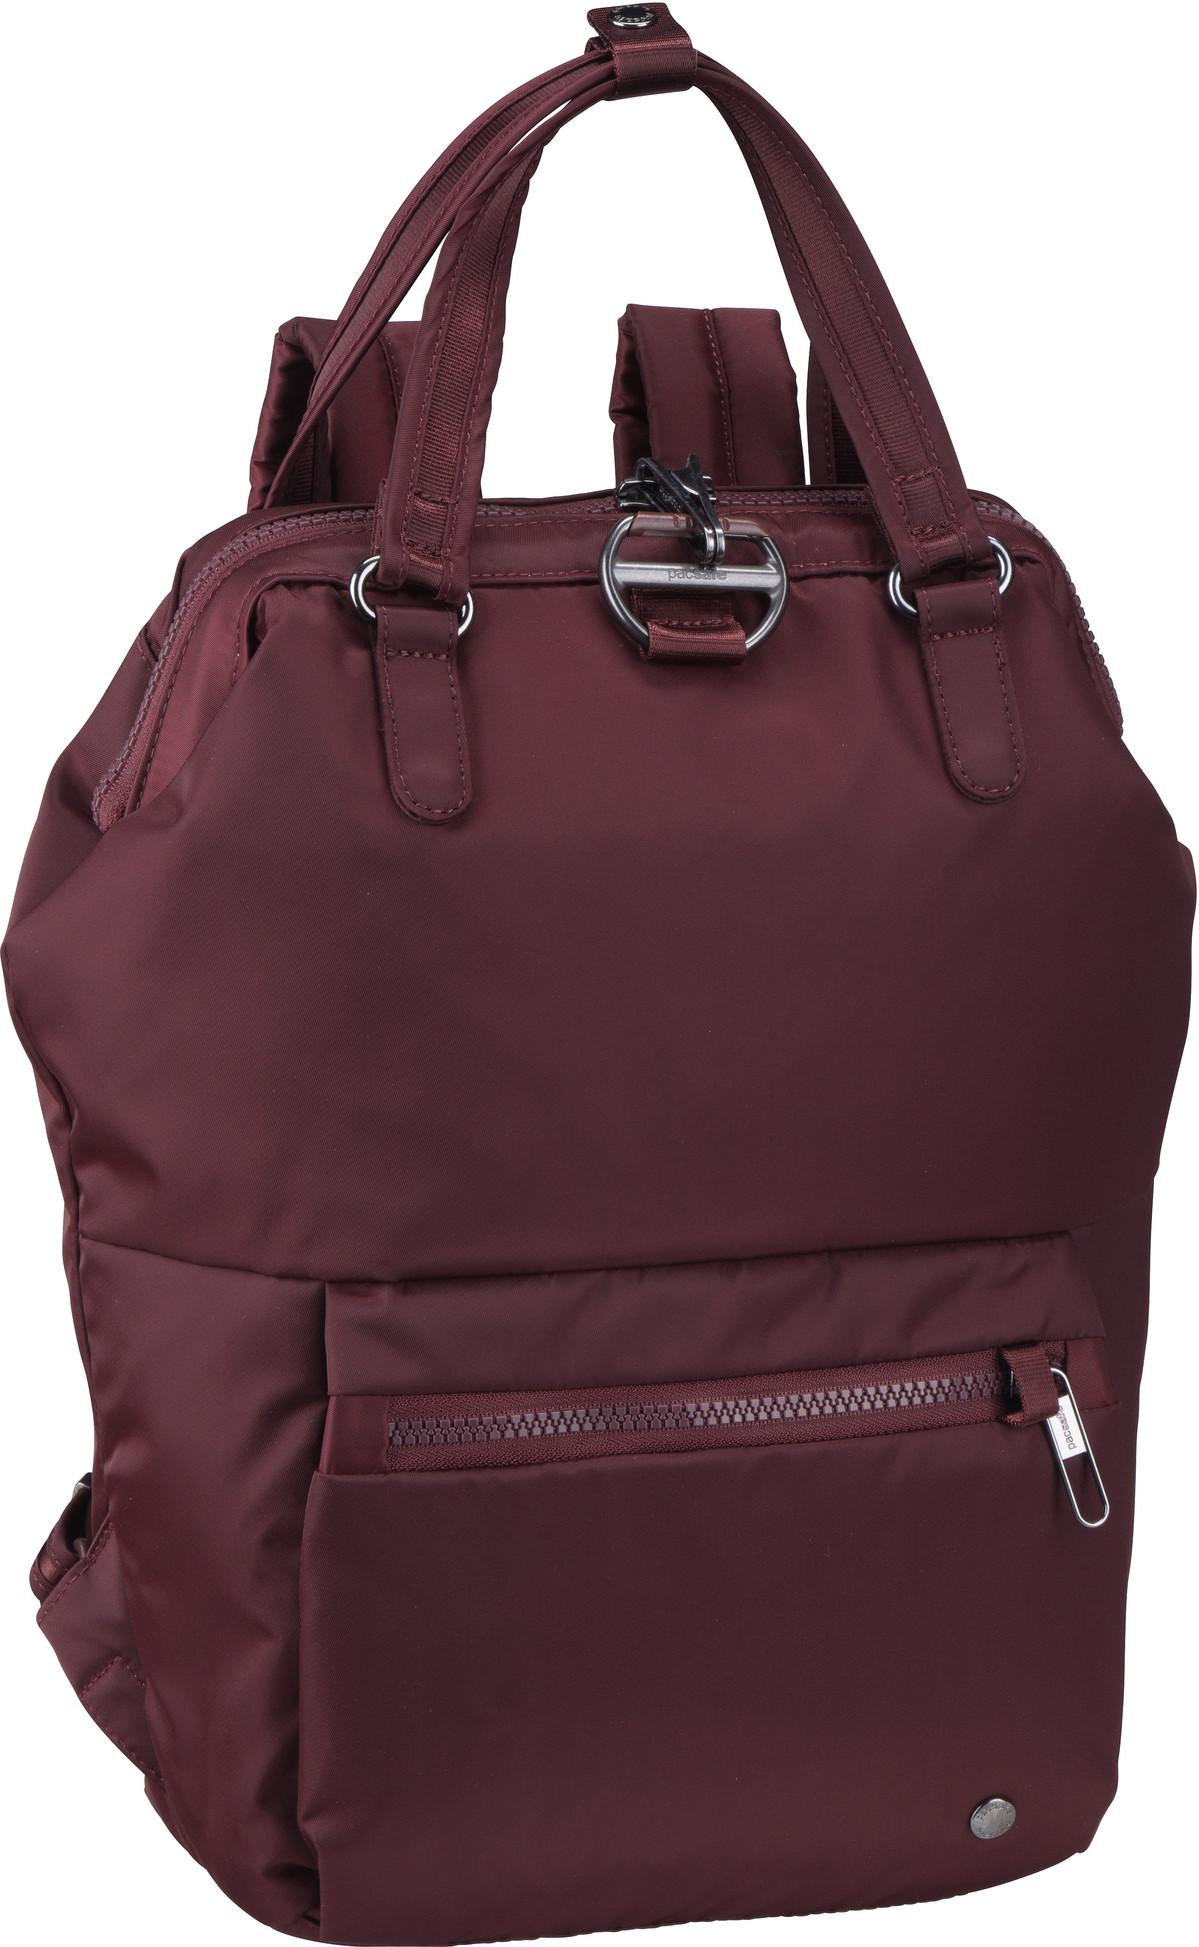 Rucksack / Daypack Citysafe CX Mini Backpack Merlot (11 Liter)